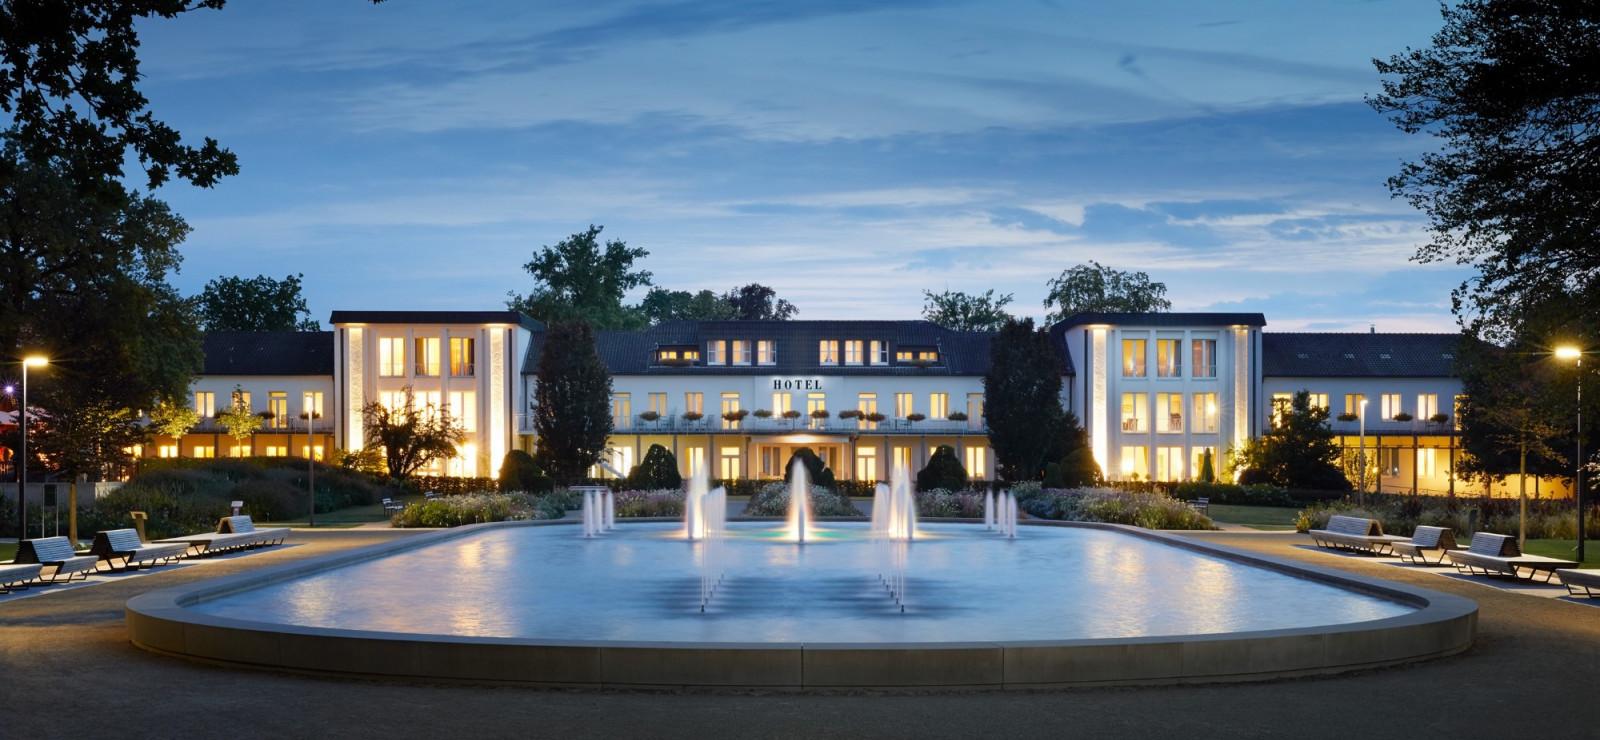 Best Western Premier Park Hotel & Spa Bilder | Bild 1